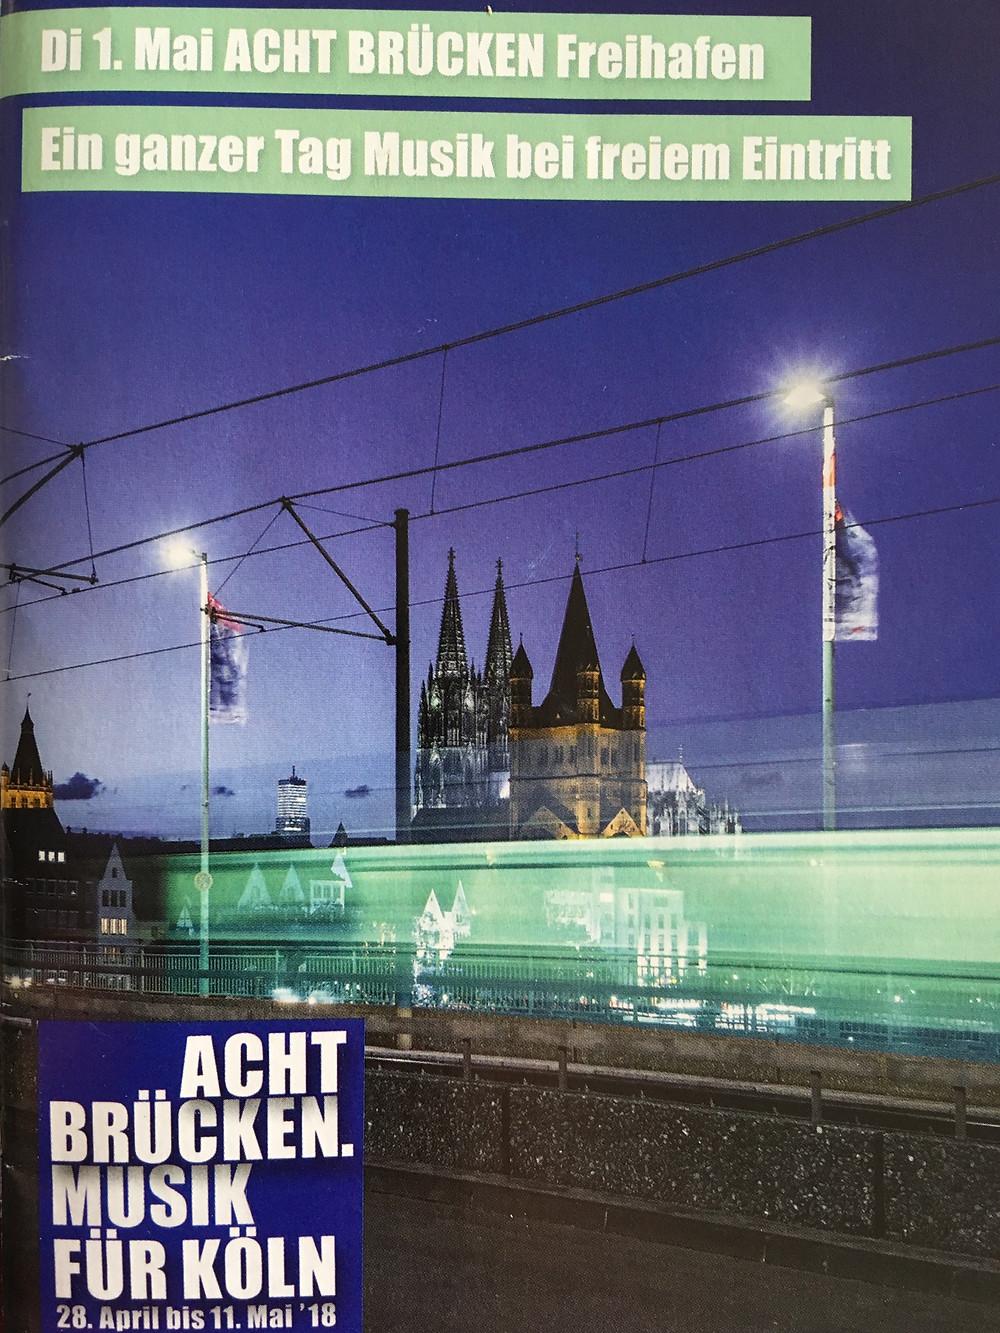 Acht Brücken Flyer 05. 2018